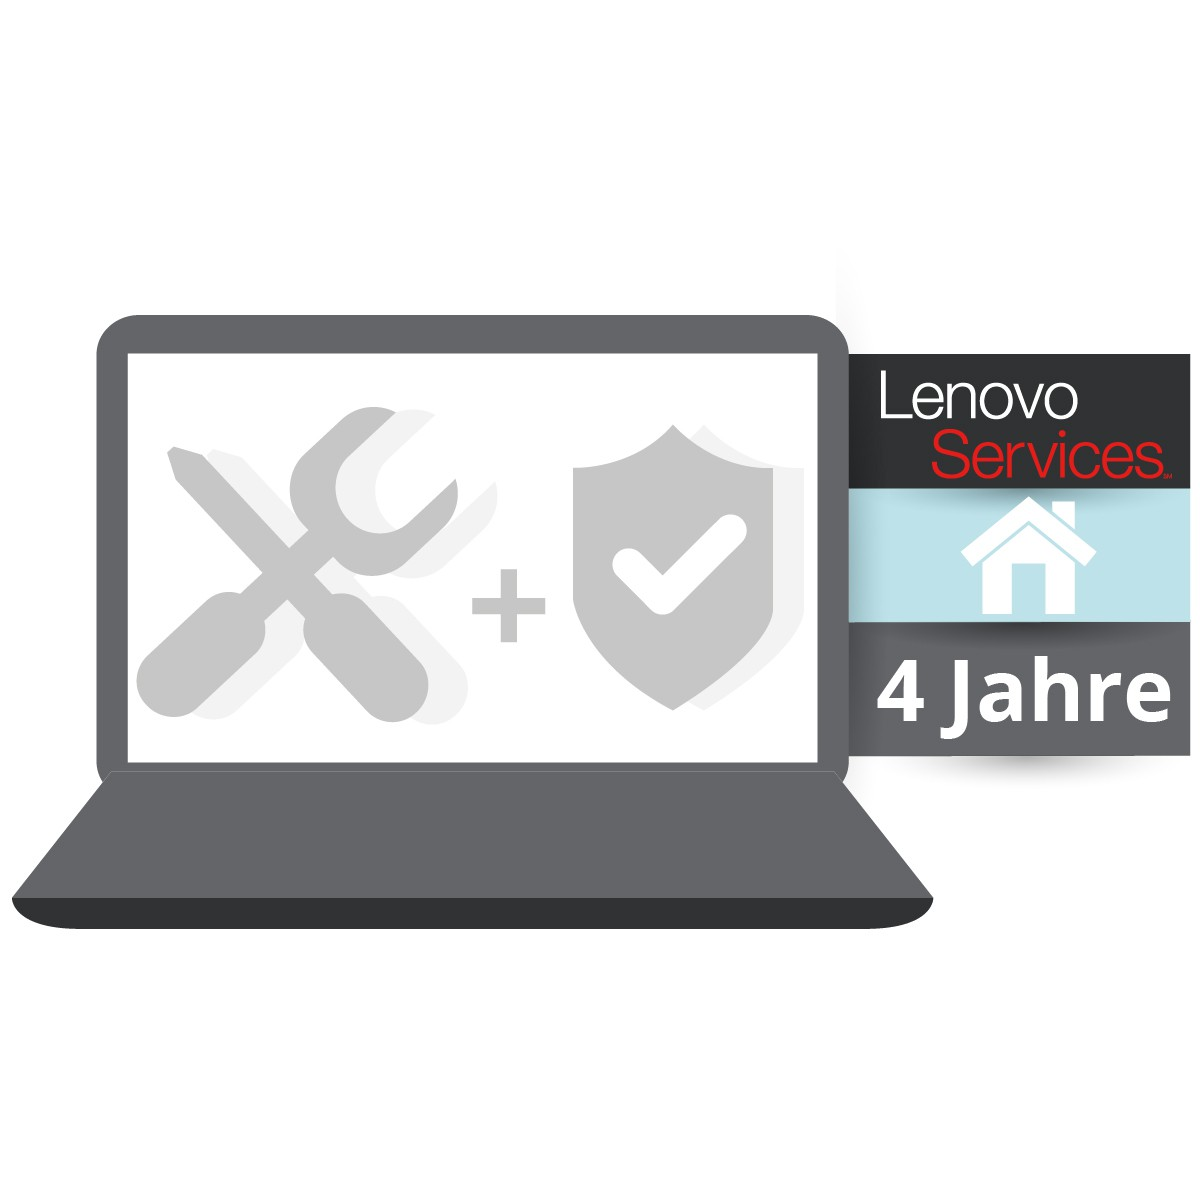 (EOL) Lenovo™ ThinkPlus® 4 Jahre Vor-Ort-Service (NBD) + Unfallschutz (Basisgarantie 3 Jahre Vor-Ort